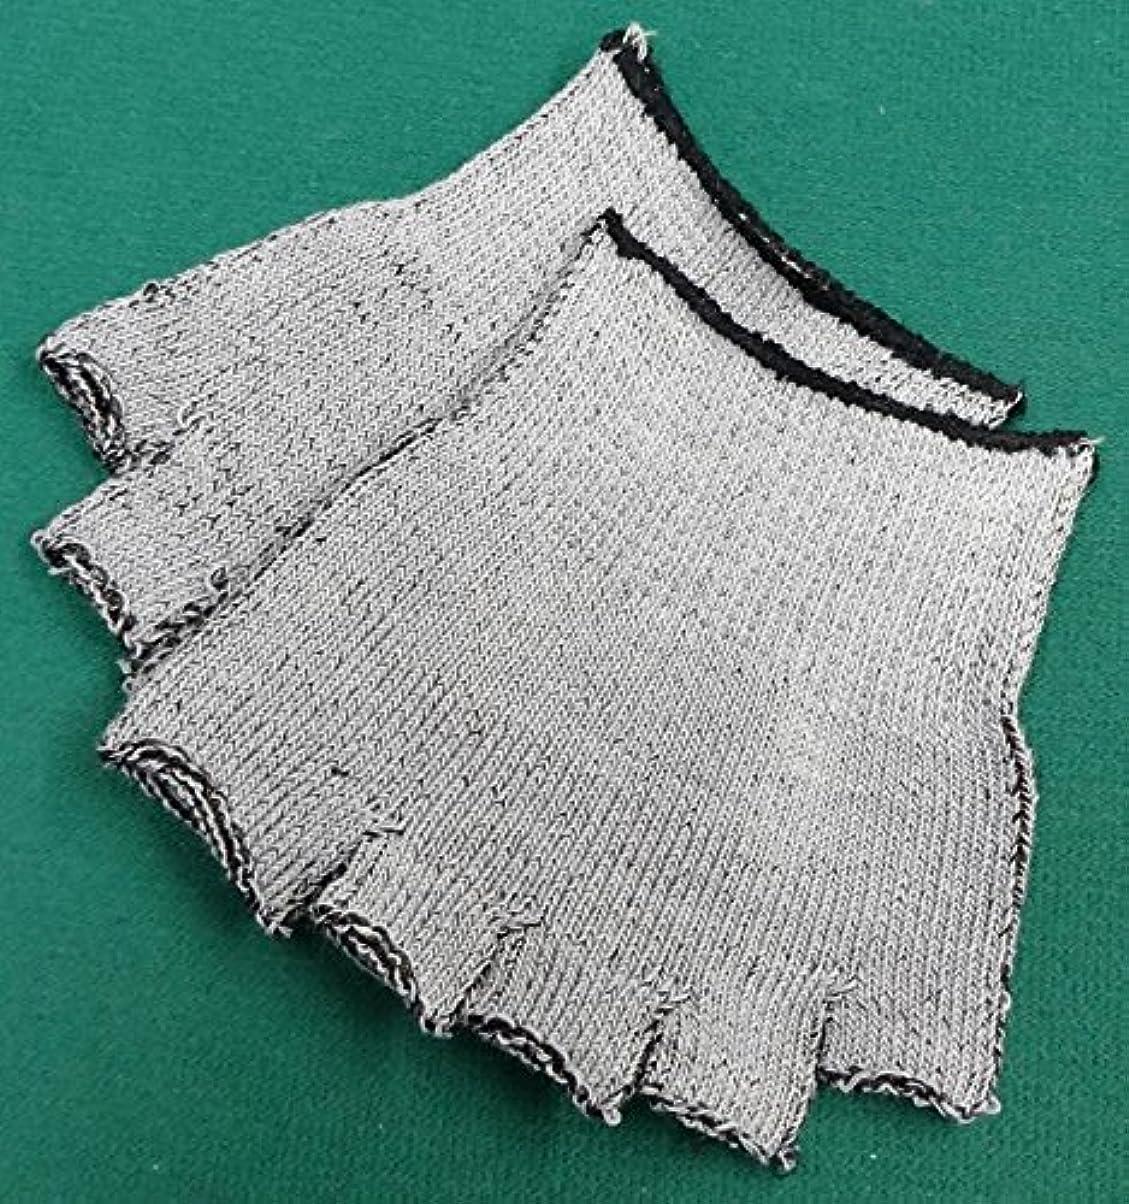 月曜日スラックスケジュール銅繊維入りハーフソックス (6枚(3足セット))